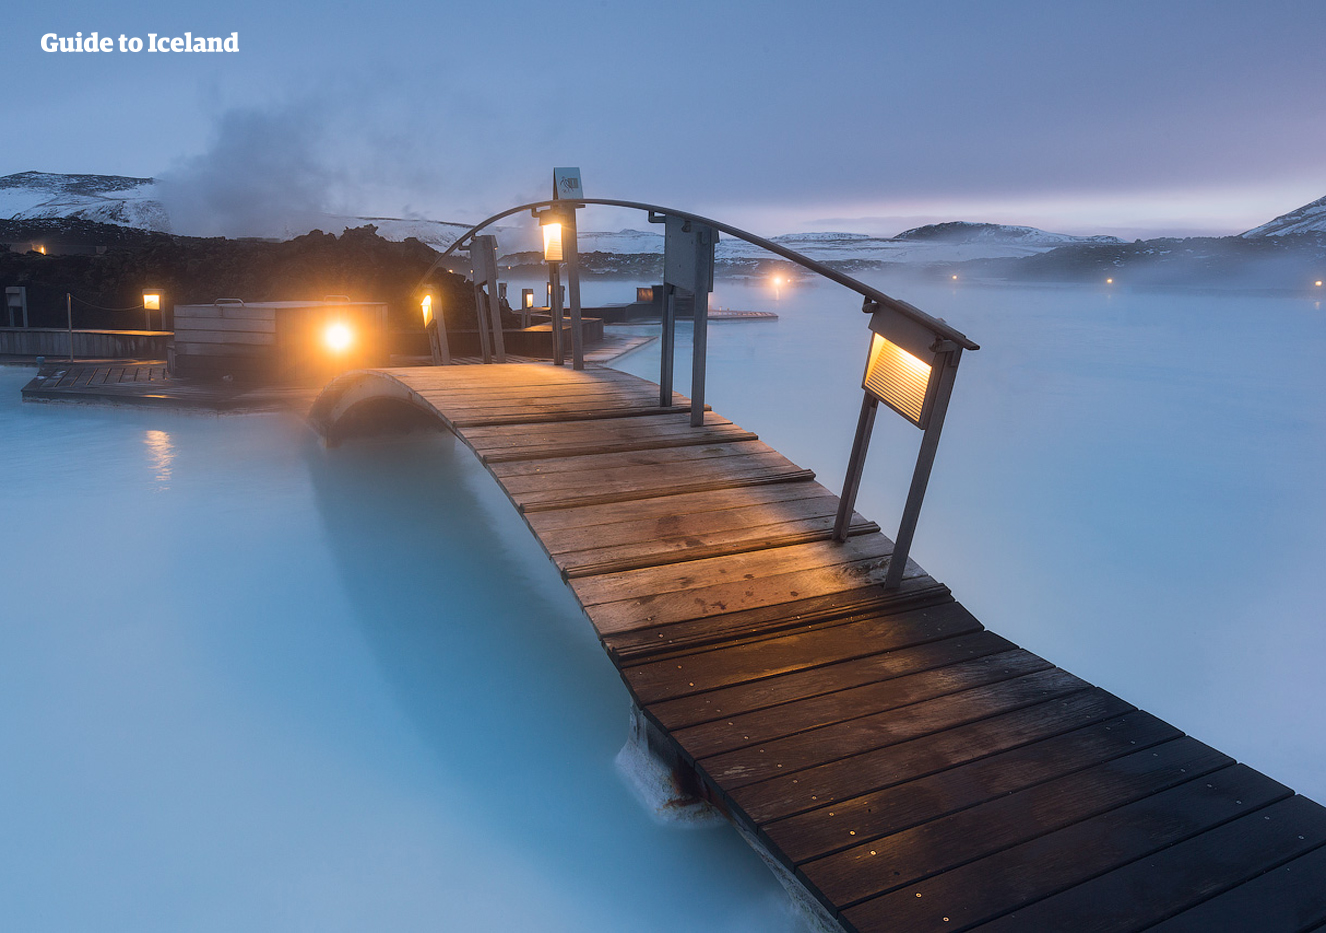 在冰岛蓝湖地热温泉中享受在黑火山熔岩地和白雪的包围下泡温泉的特色体验,将会是您不会轻易忘却的极致体验